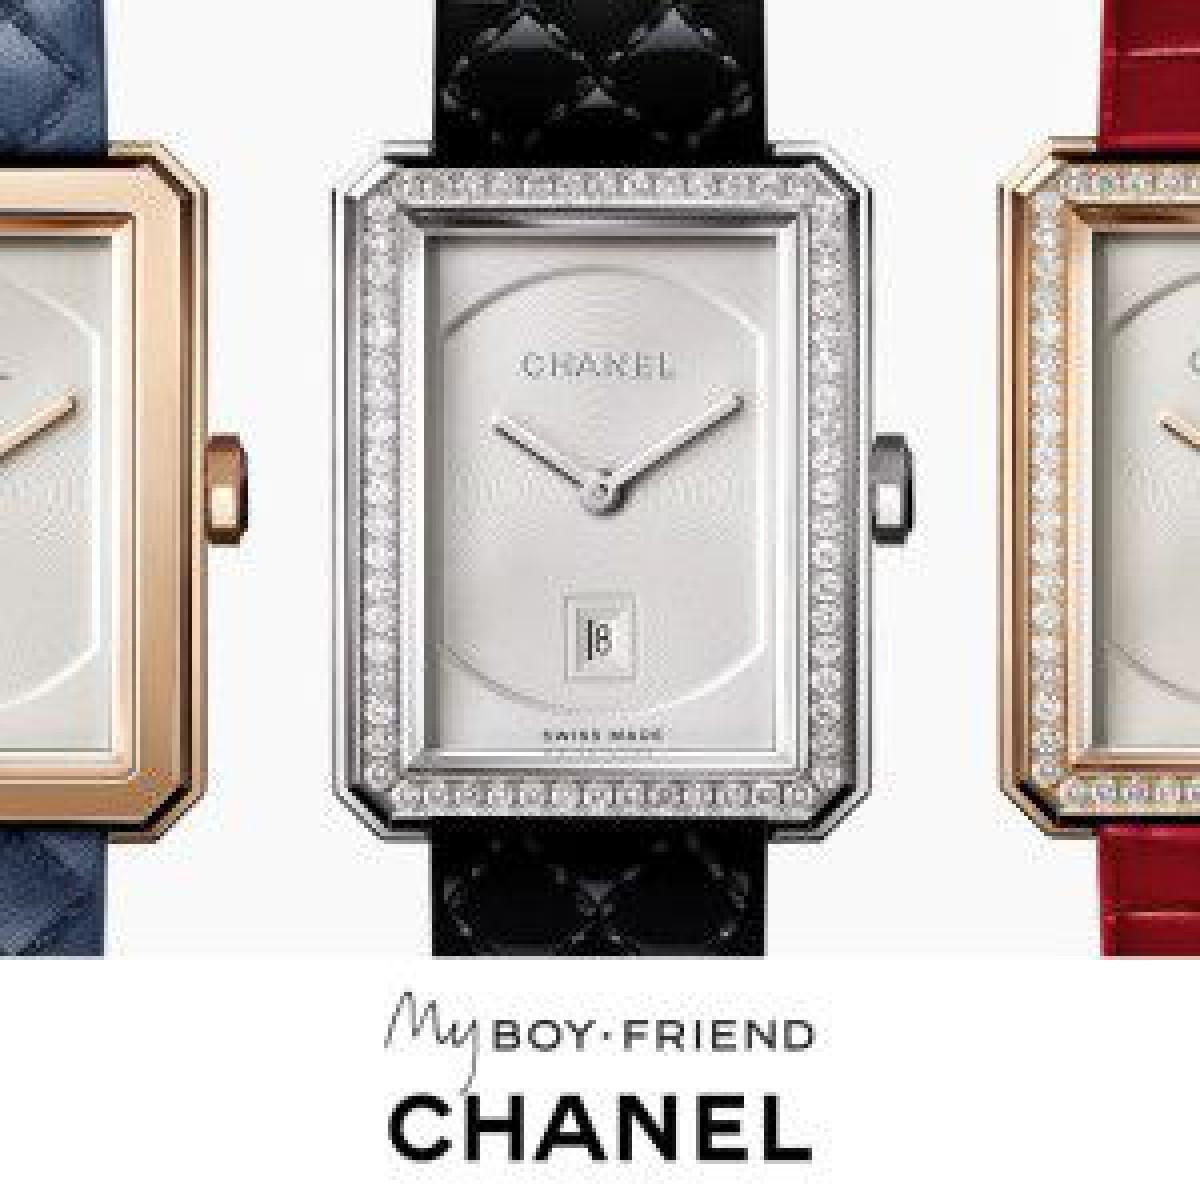 シャネルの時計「ボーイフレンド」がカスタマイズ可能に、新作ストラップコレクション展開